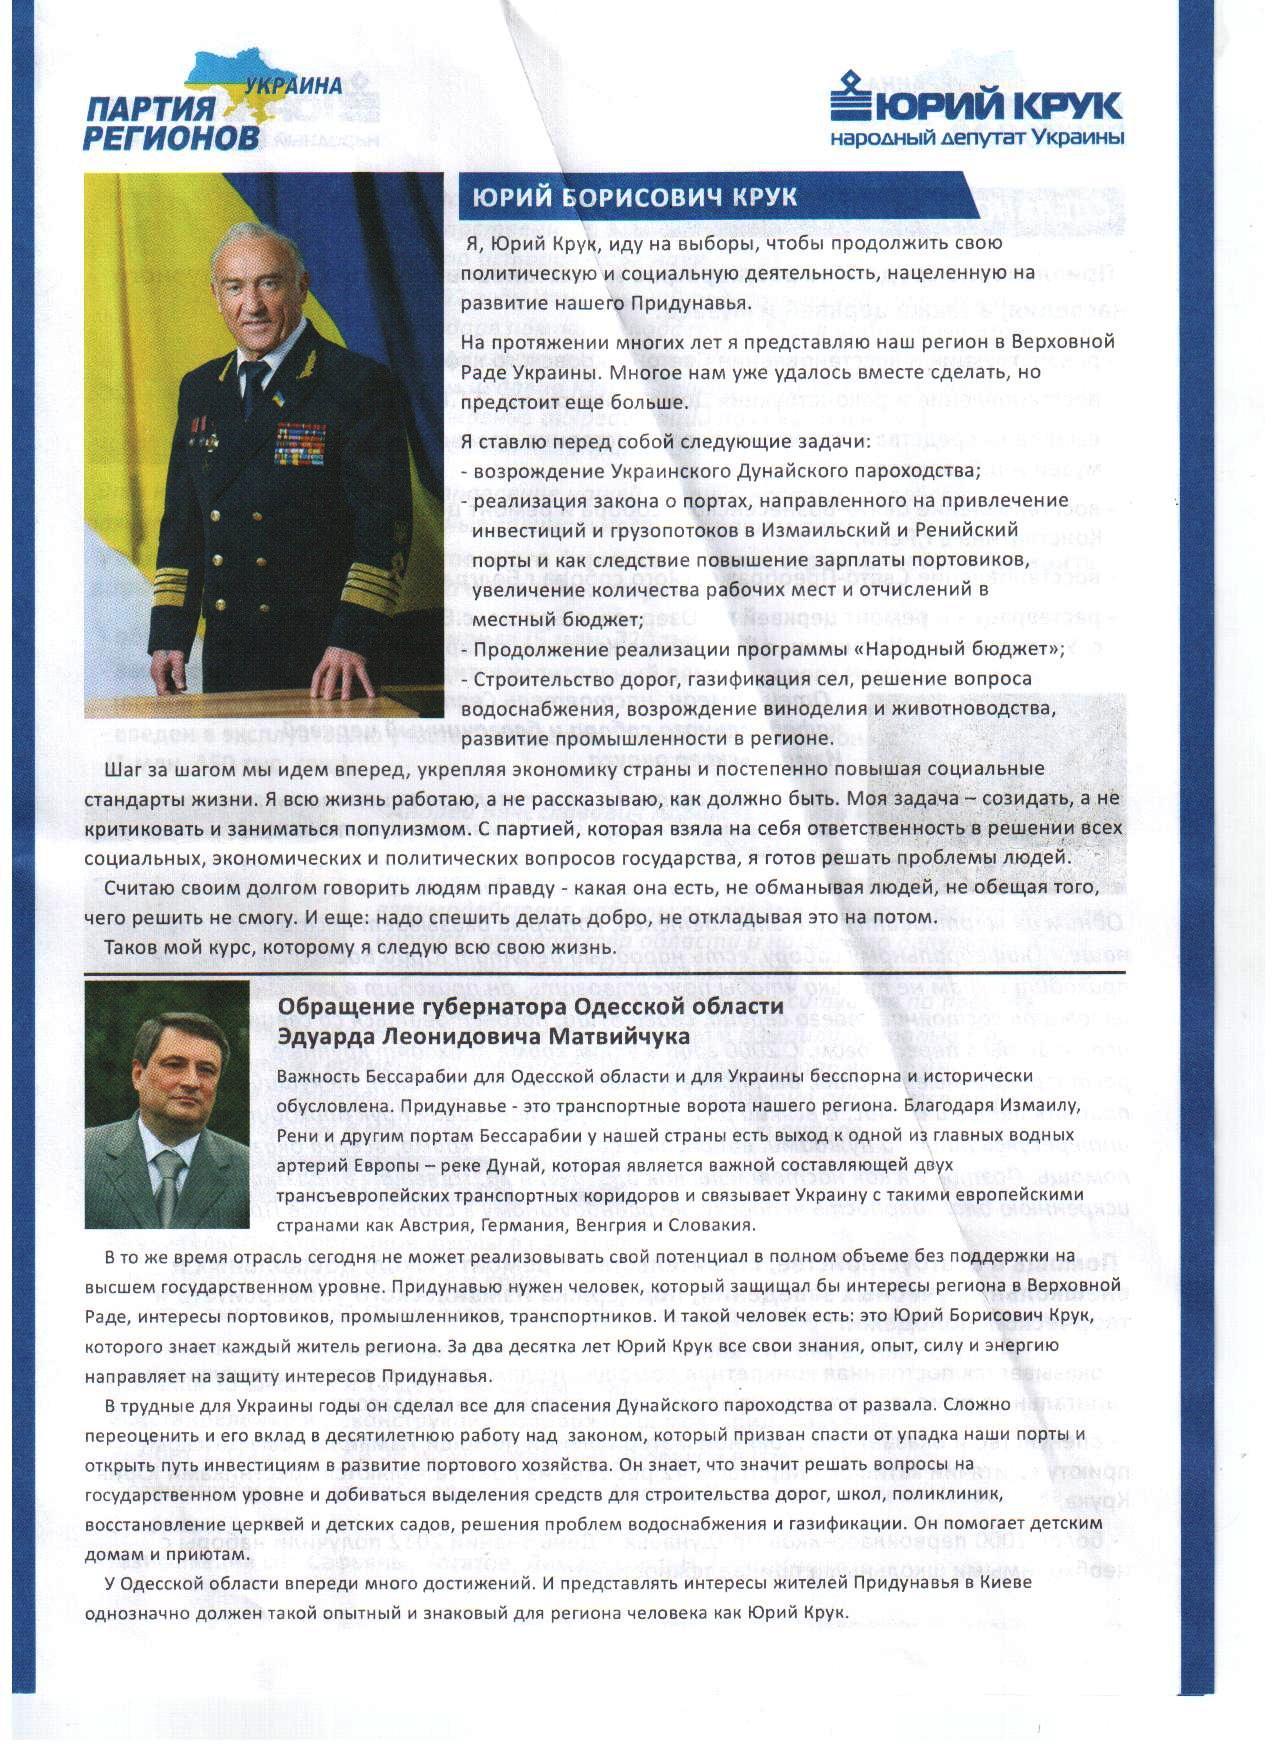 Измаил. Должностные лица открыто агитируют за кандидата Юрия Крука